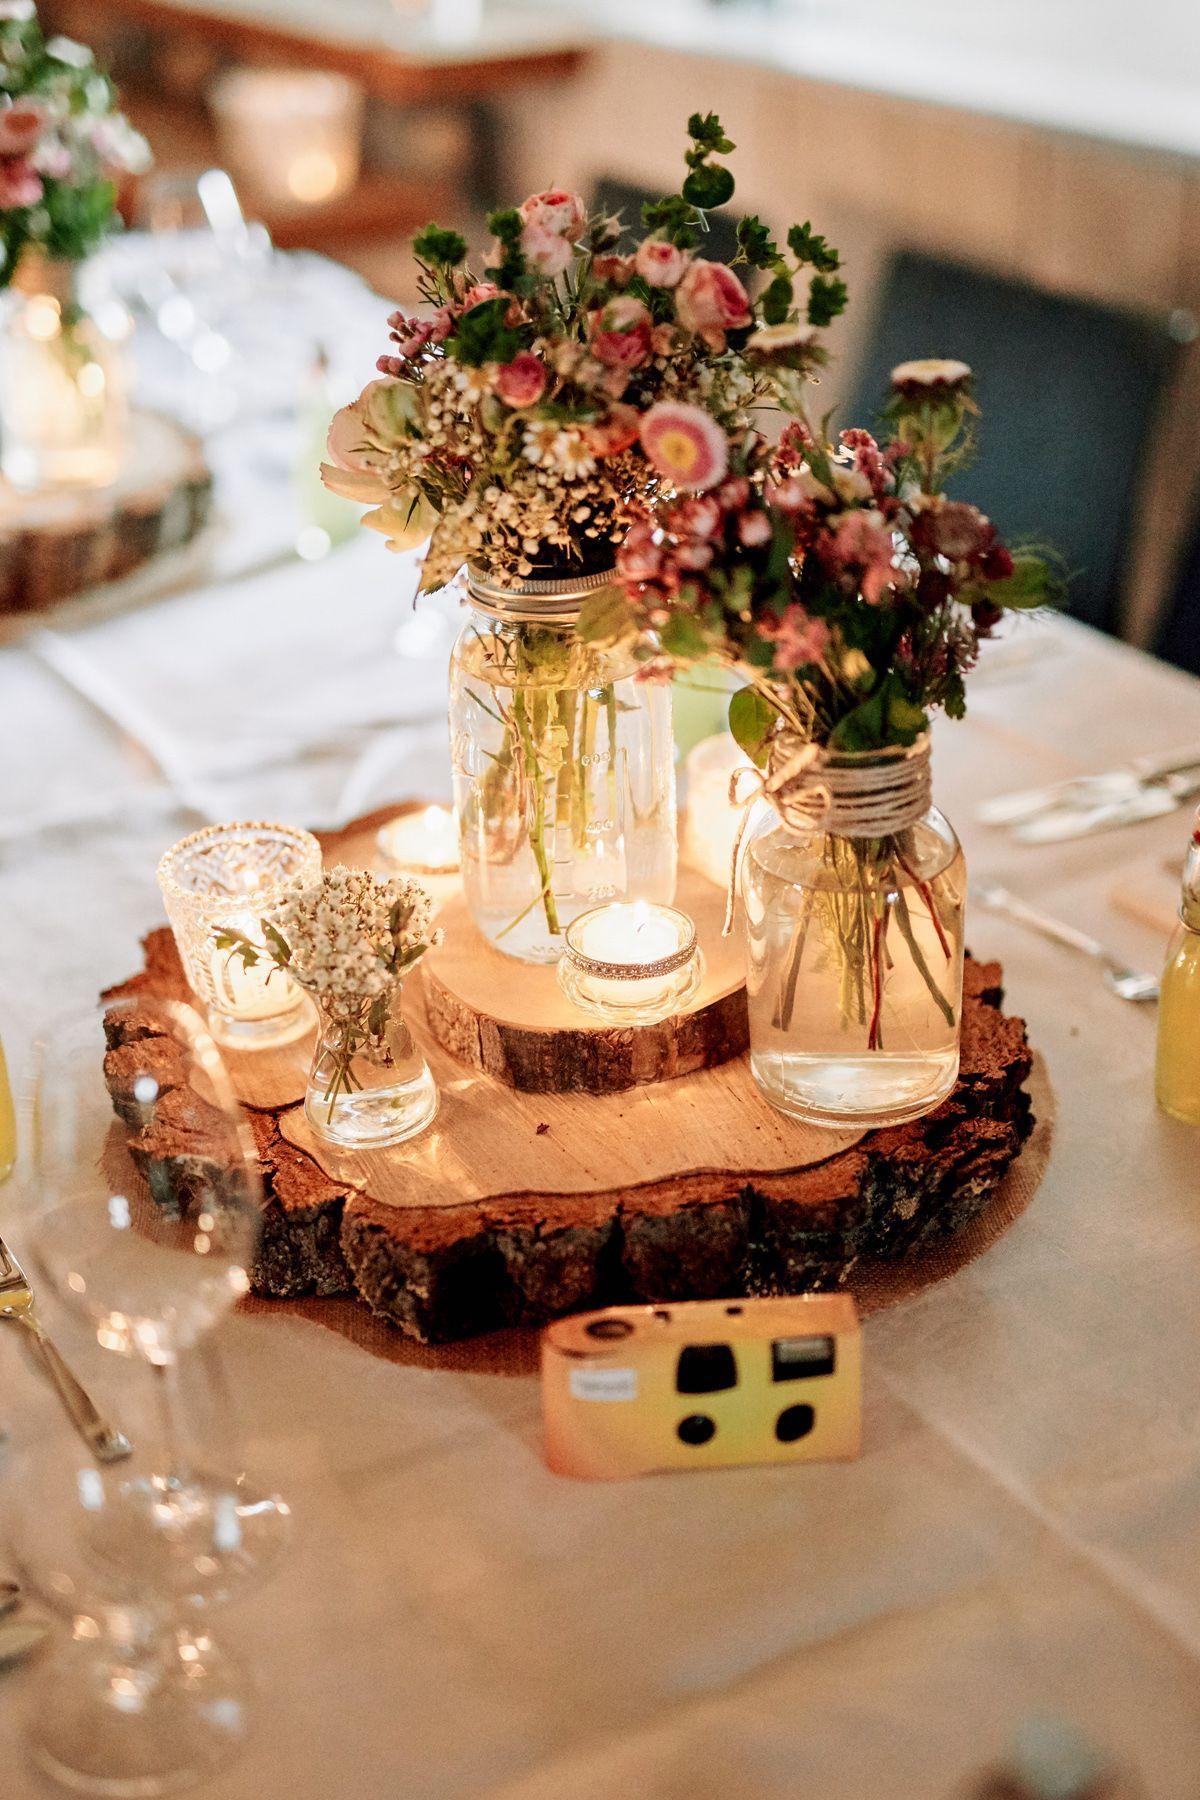 Originelle Landhaushochzeit mit VW Bulli | Hochzeitsblog The Little Wedding Corner